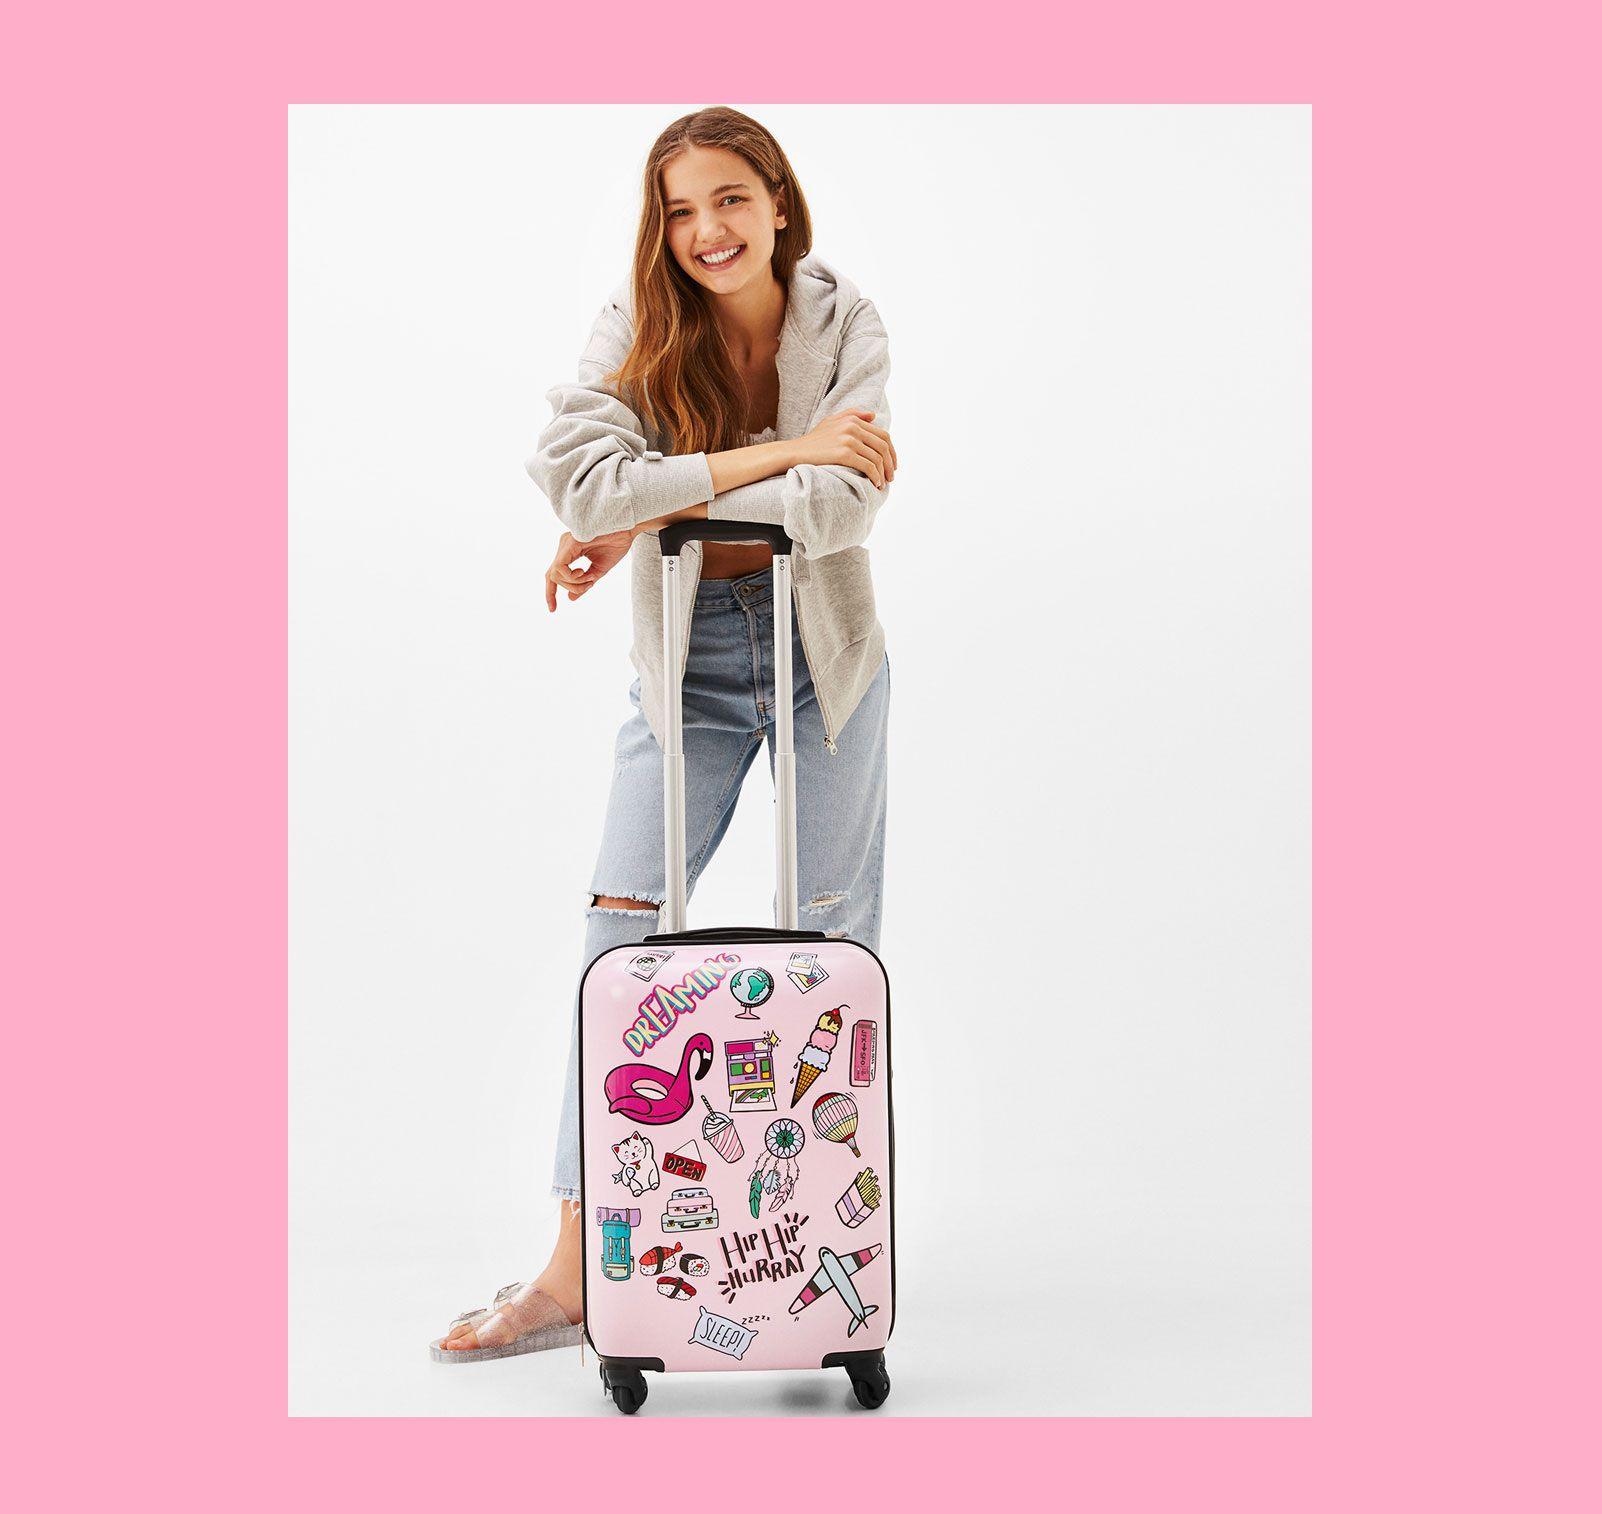 Personalizirani kovčeg po cijeni od 499 kuna? Može!